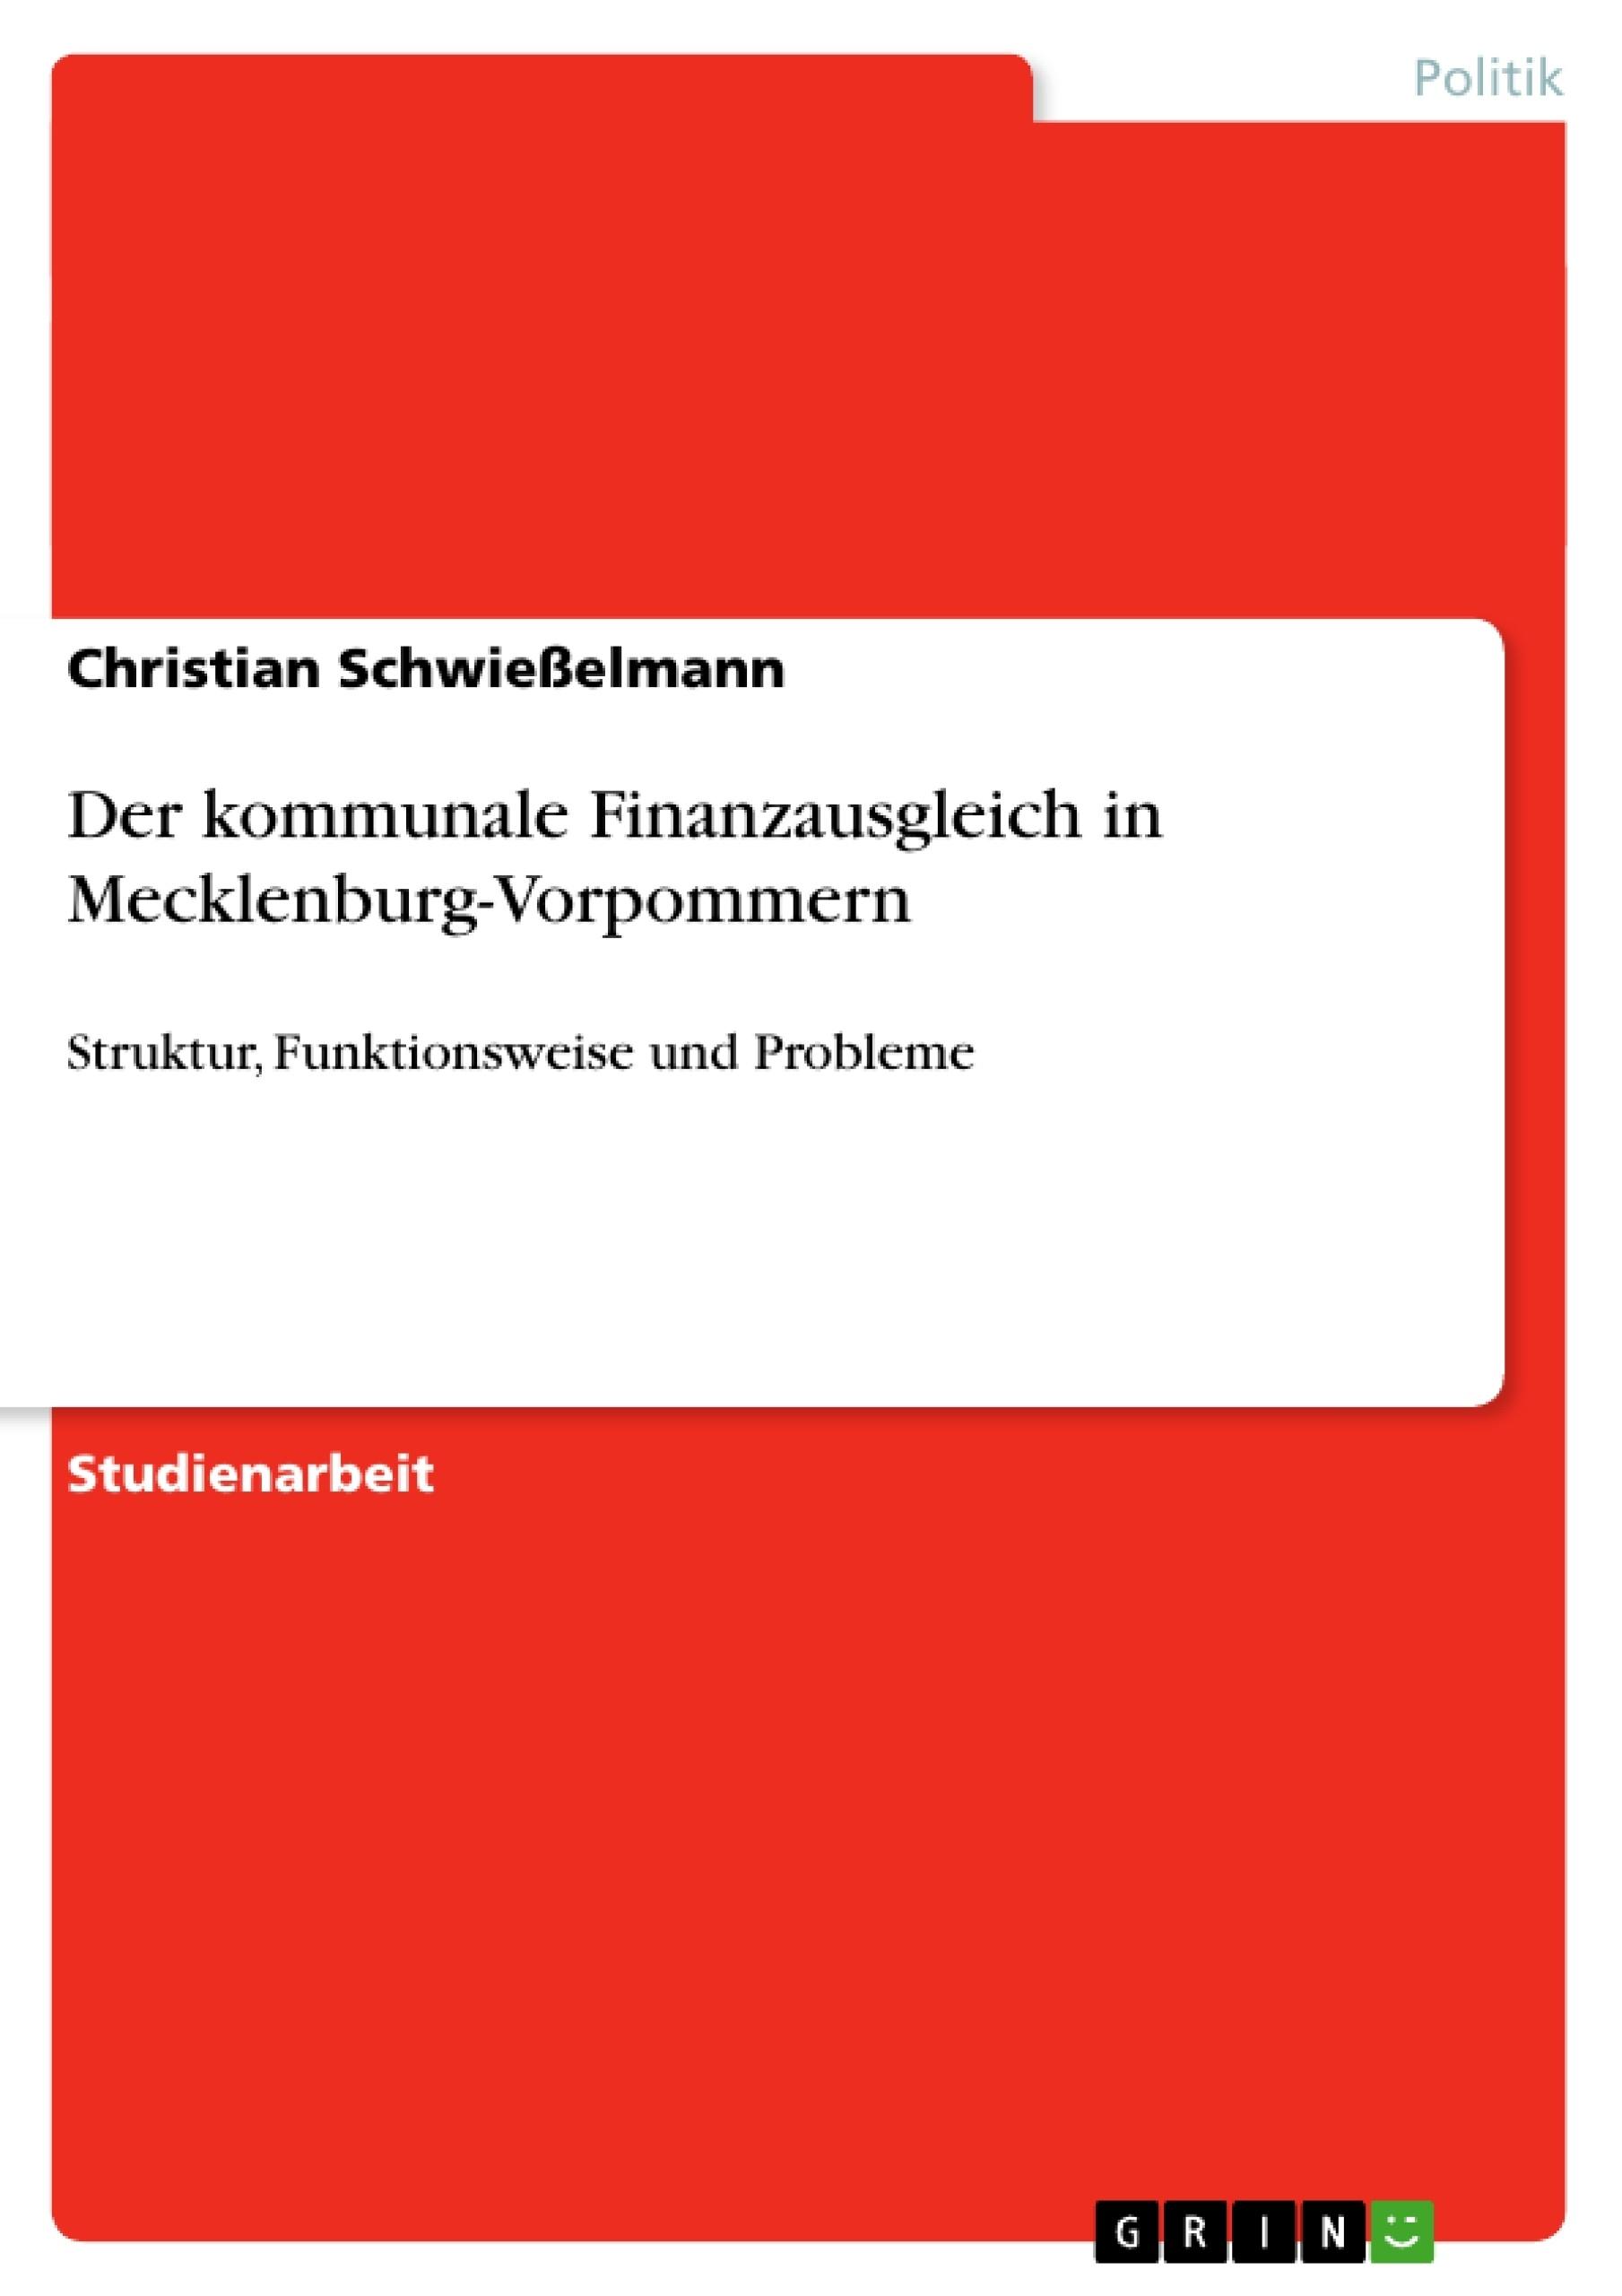 Titel: Der kommunale Finanzausgleich in Mecklenburg-Vorpommern